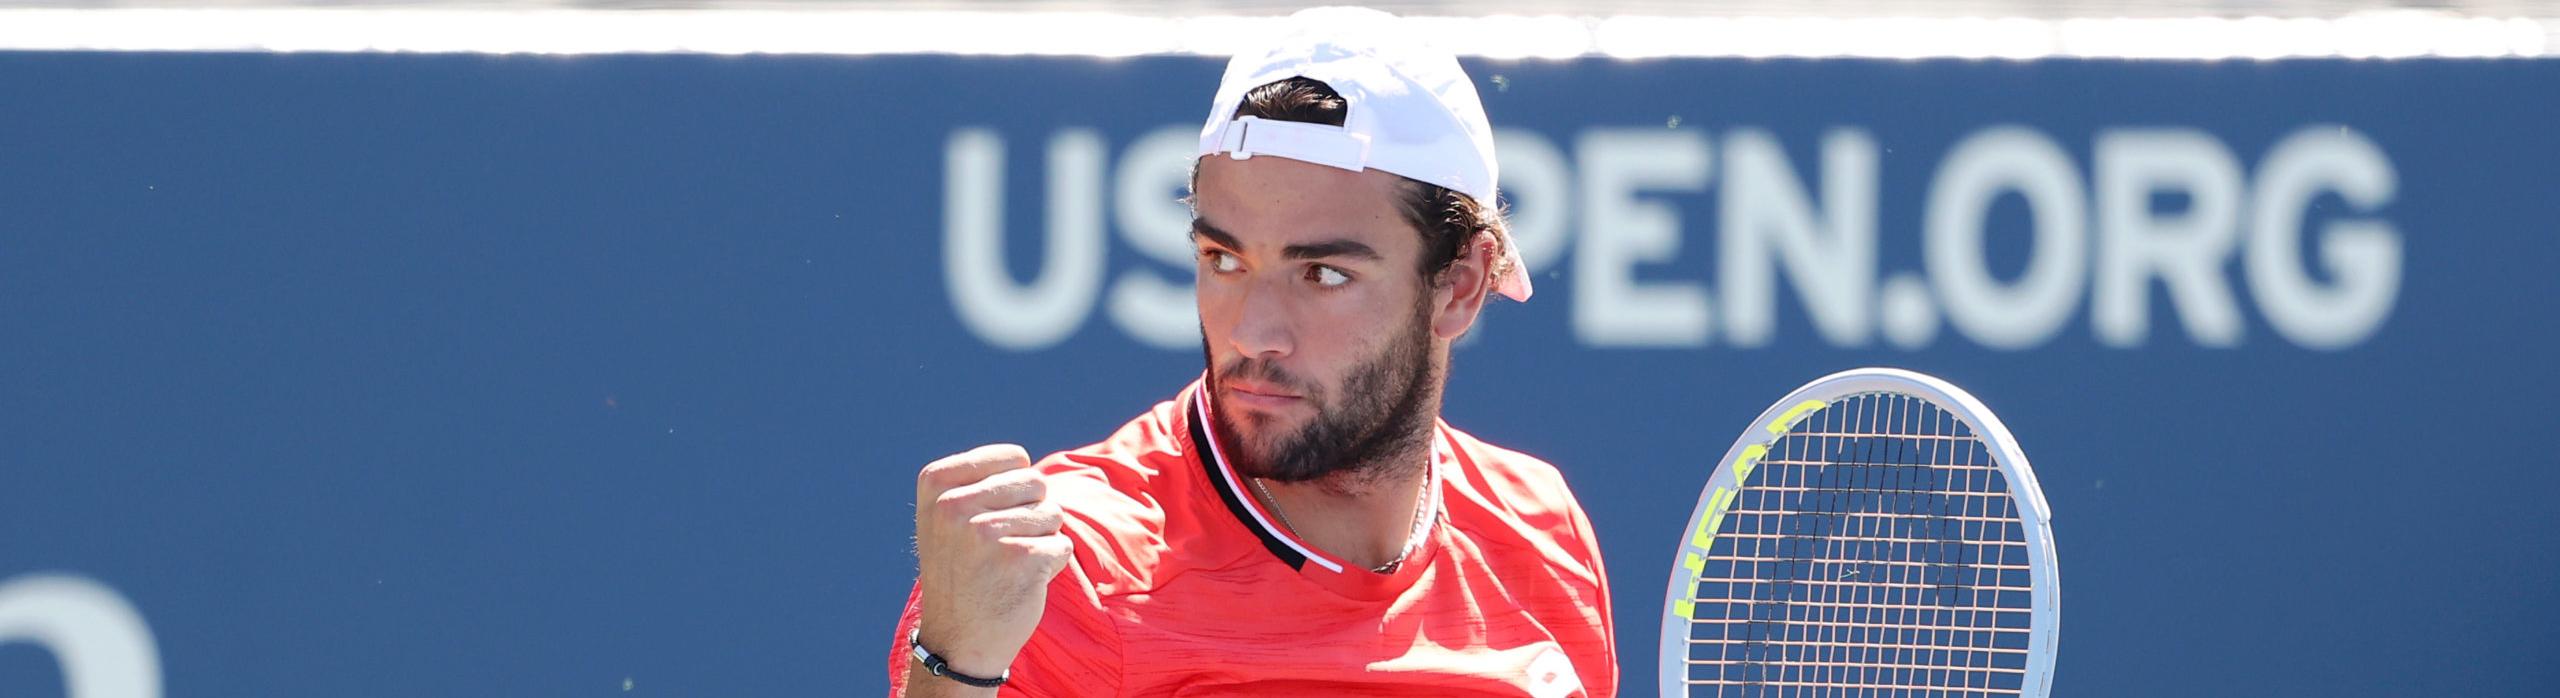 Pronostici e quote US Open: Berrettini contro Rublev come l'anno scorso, i consigli per le vostre scommesse